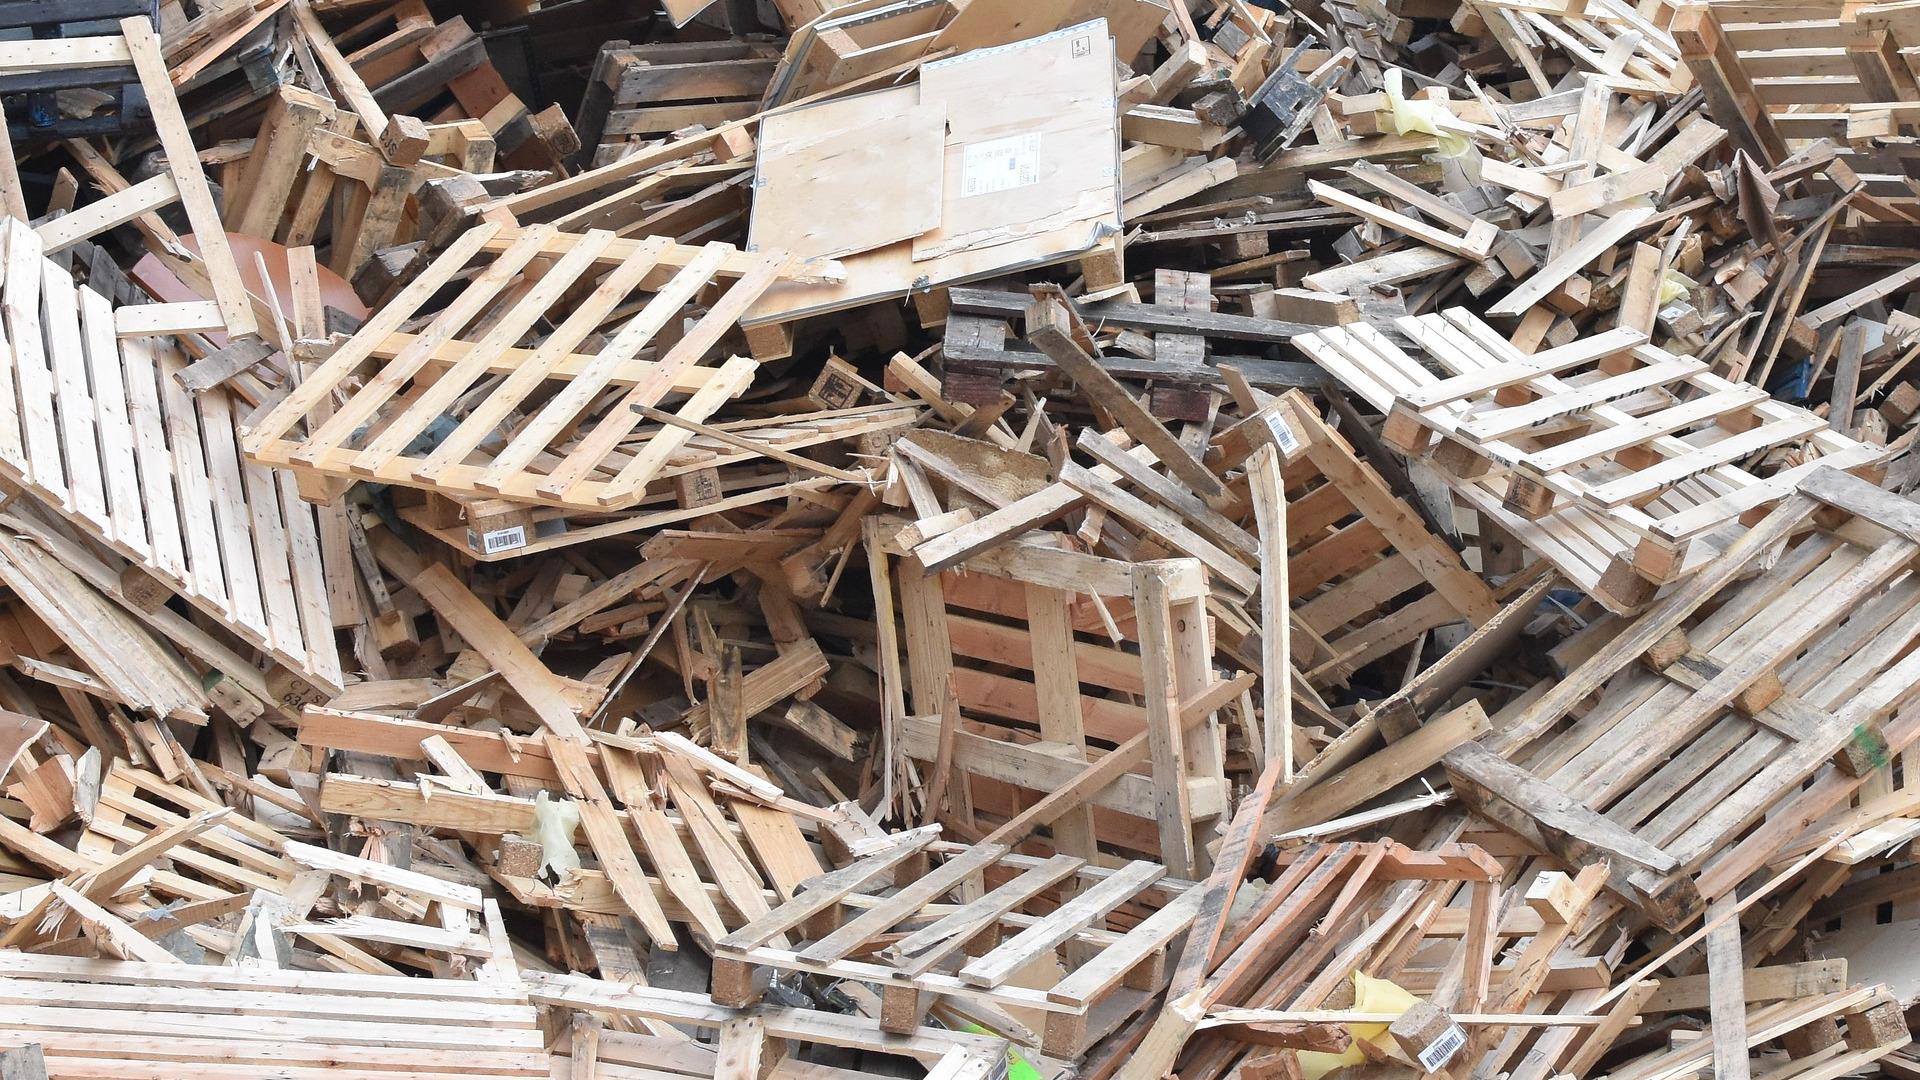 Puu menee kierrätyksen kautta usein poltettavaksi asti eli energiantuotantoon